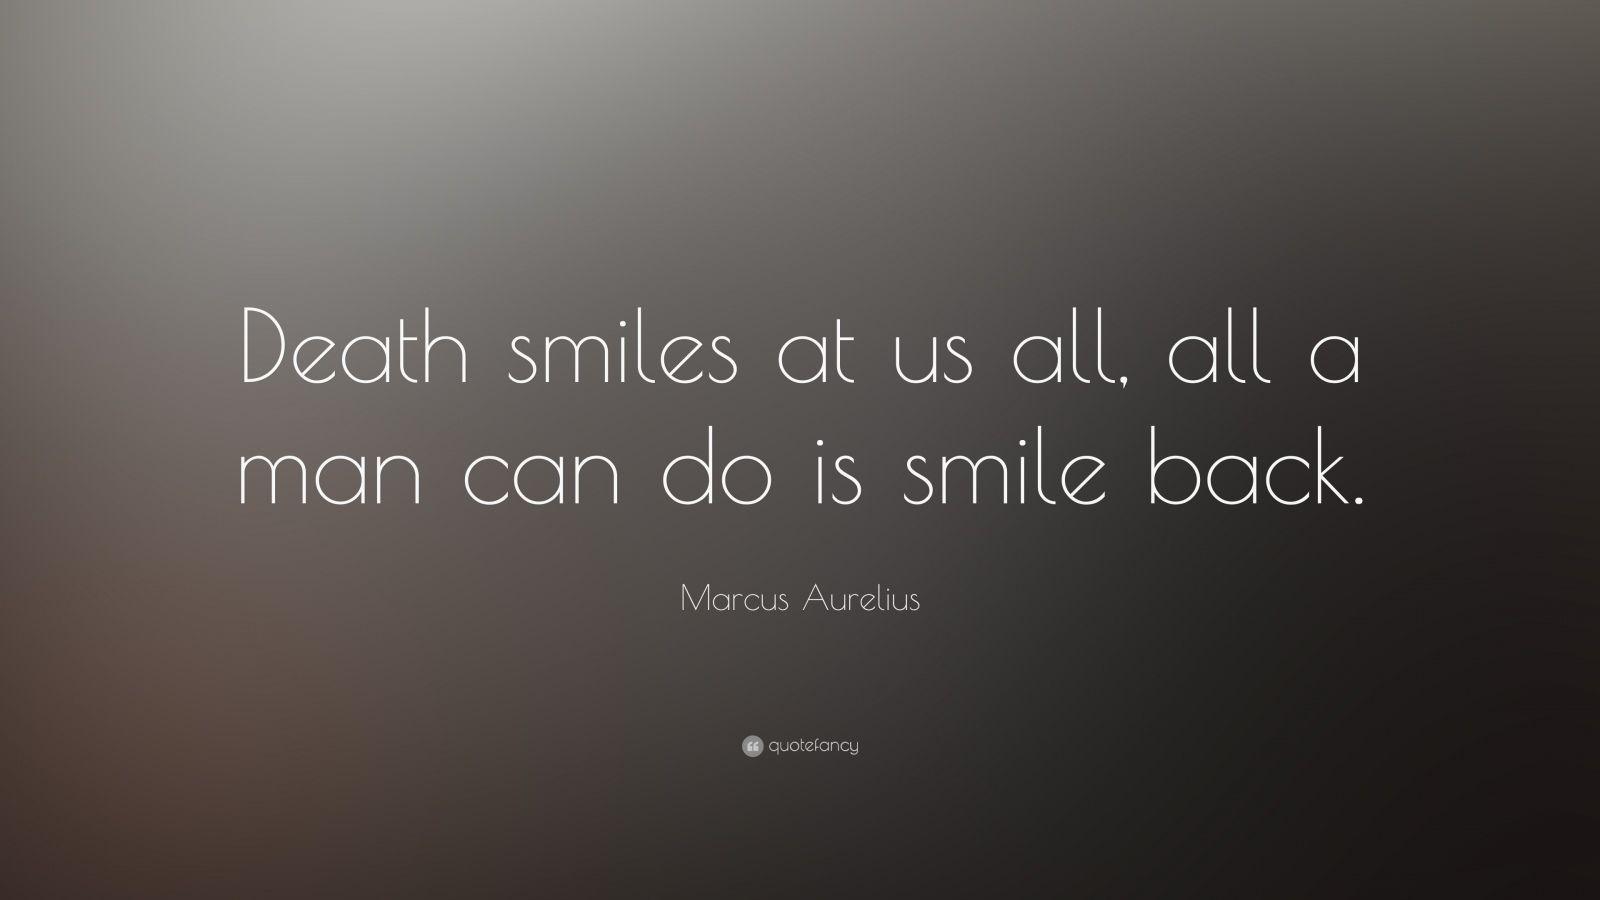 Dalai Lama Wallpaper Quotes Marcus Aurelius Quote Death Smiles At Us All All A Man